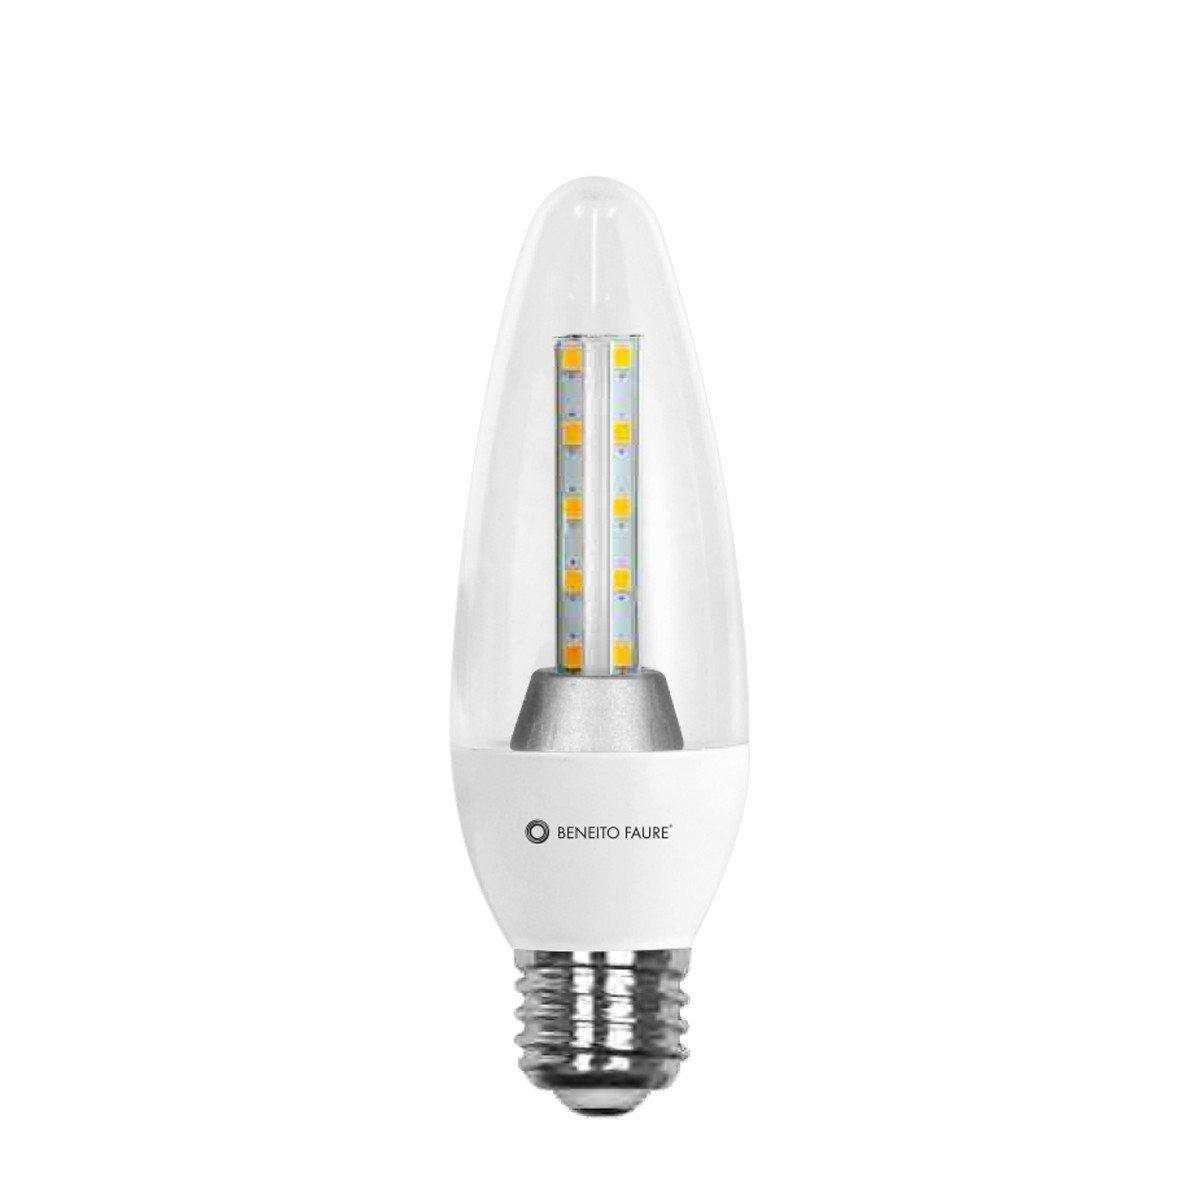 LÁMPARA LED NUK FLAMA BENEITO FAURE TRANSPARENT 8, E14, 2700 K: Amazon.es: Iluminación